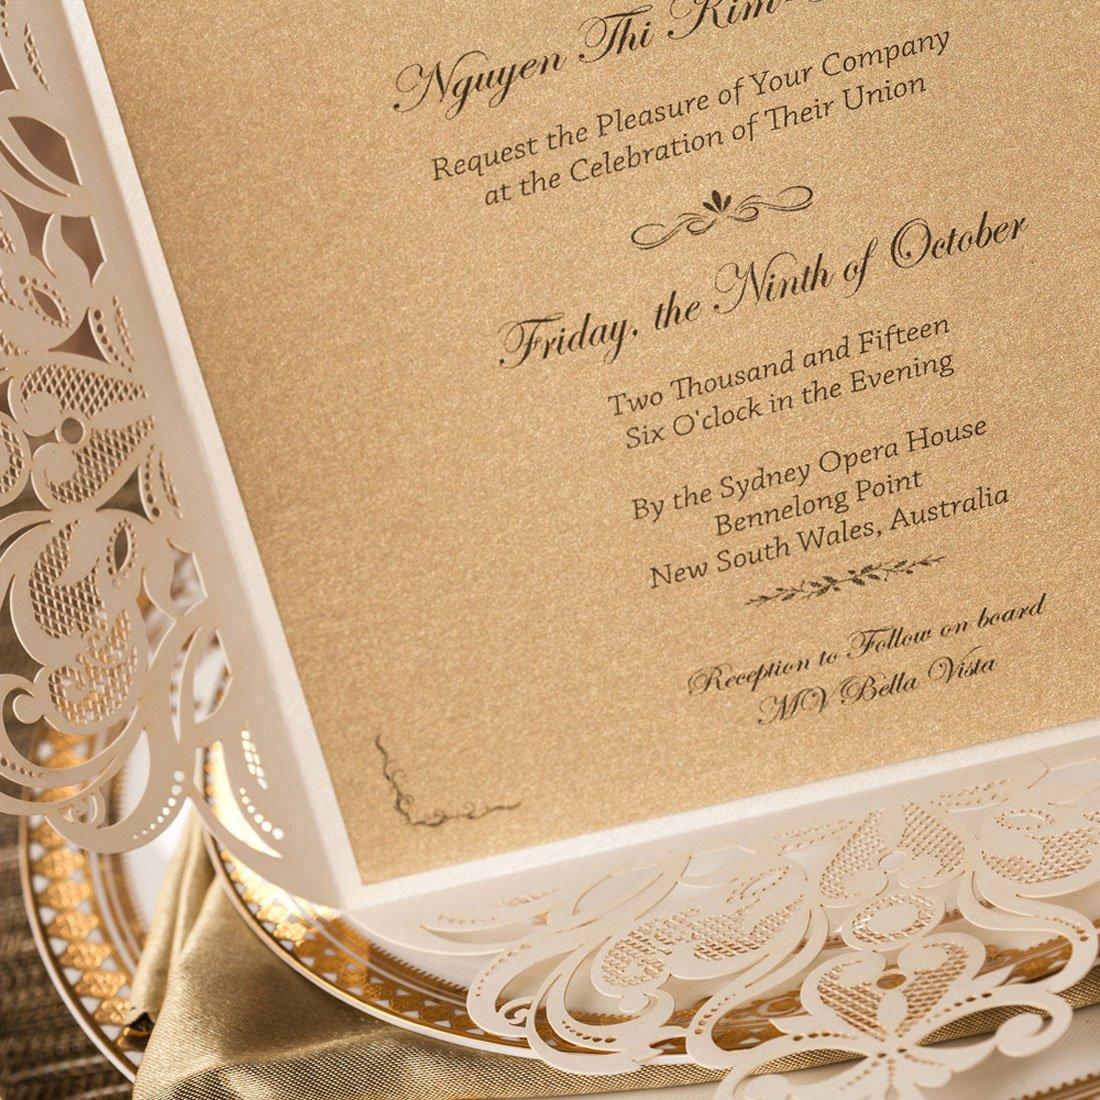 50 pezzi Wishmade Laser Cut inviti da matrimonio Kit bianco in Hollow floreale sposa doccia favori fidanzamento di compleanno Baby Shower Quinceanera di laurea Cartoncino